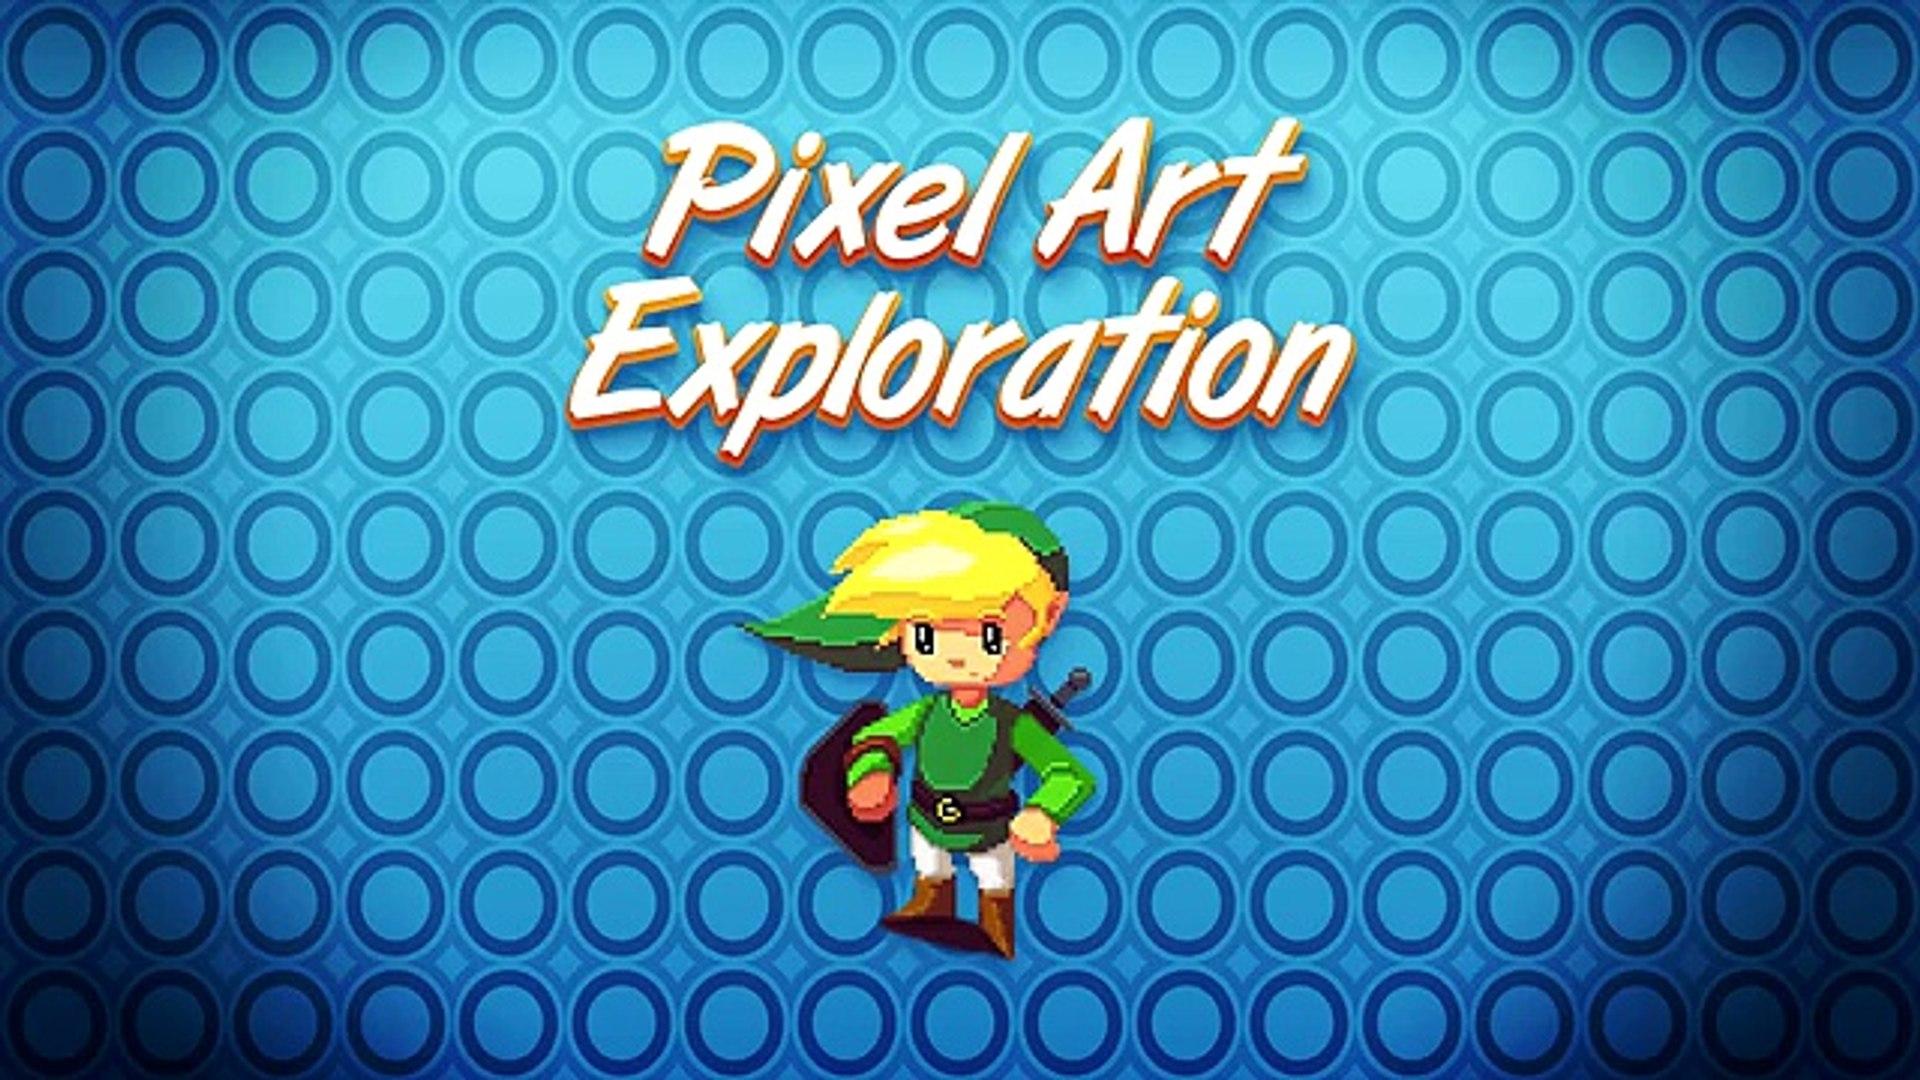 Dessiner Comment à Il Tutoriels 6 16x16 Pixel Art Carer